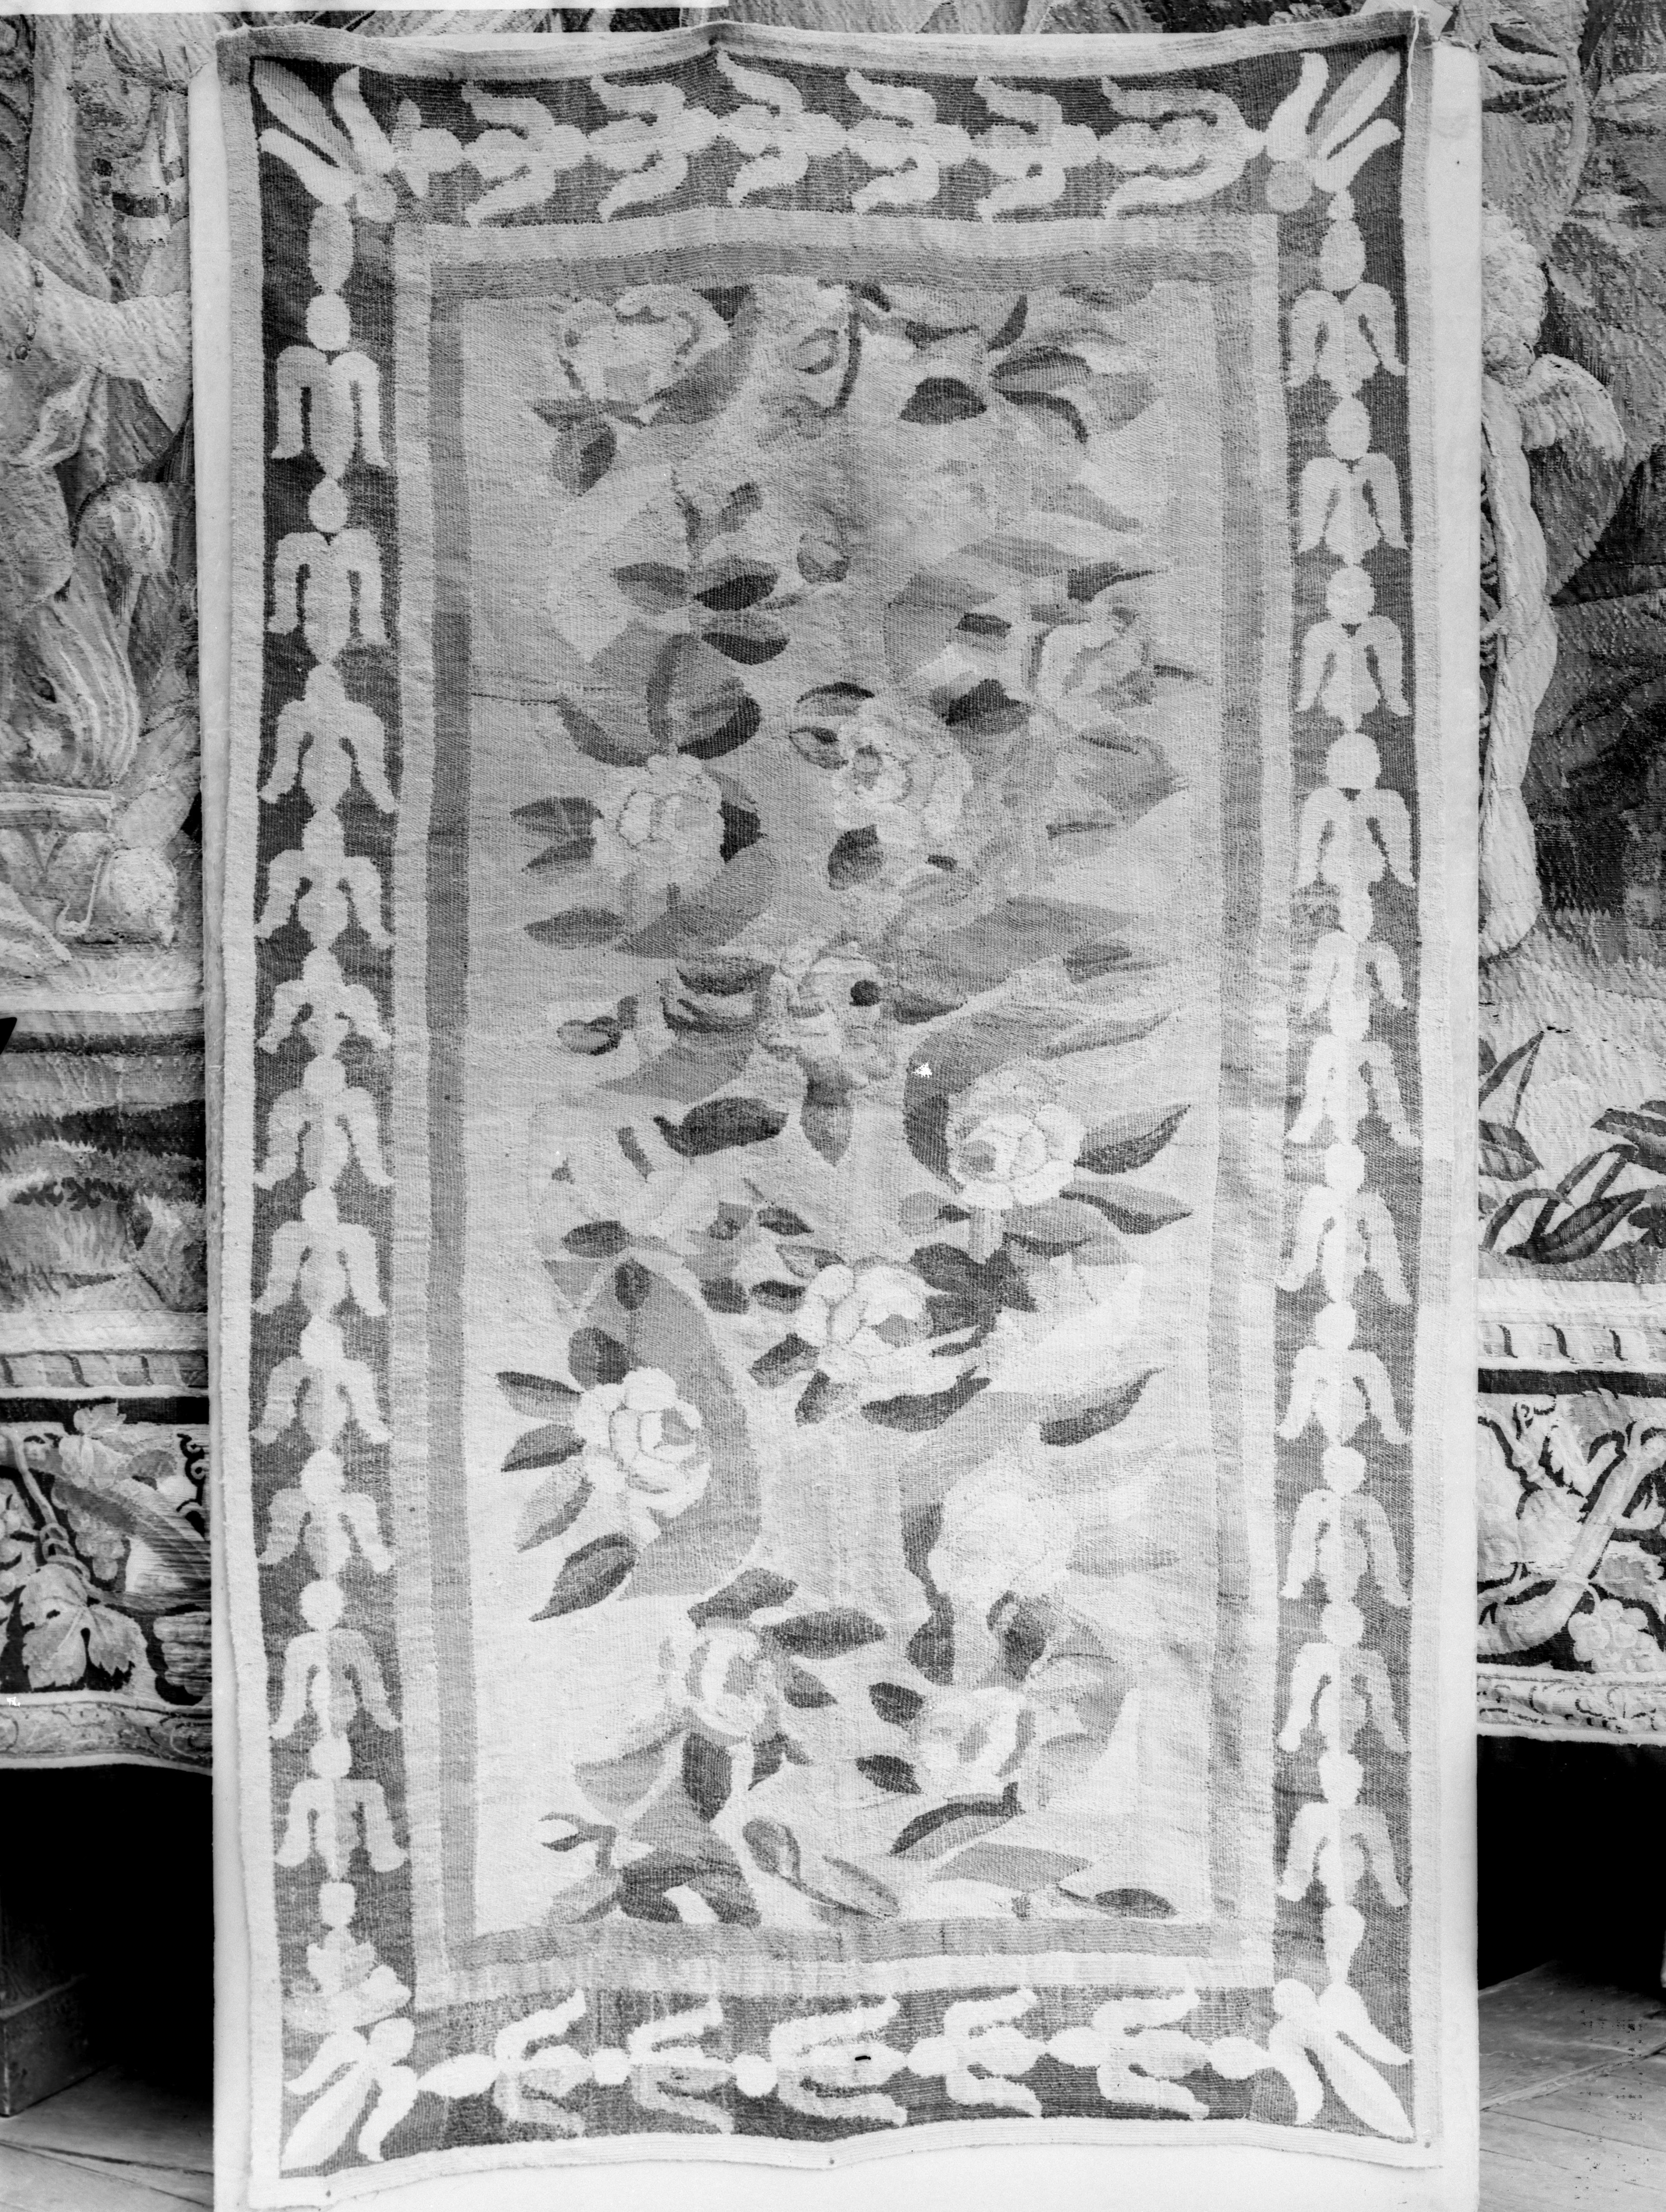 mnr/OAR00457/OAR457-copyright_Musee_du_Louvre-departement_des_Objets_d_art.jpg